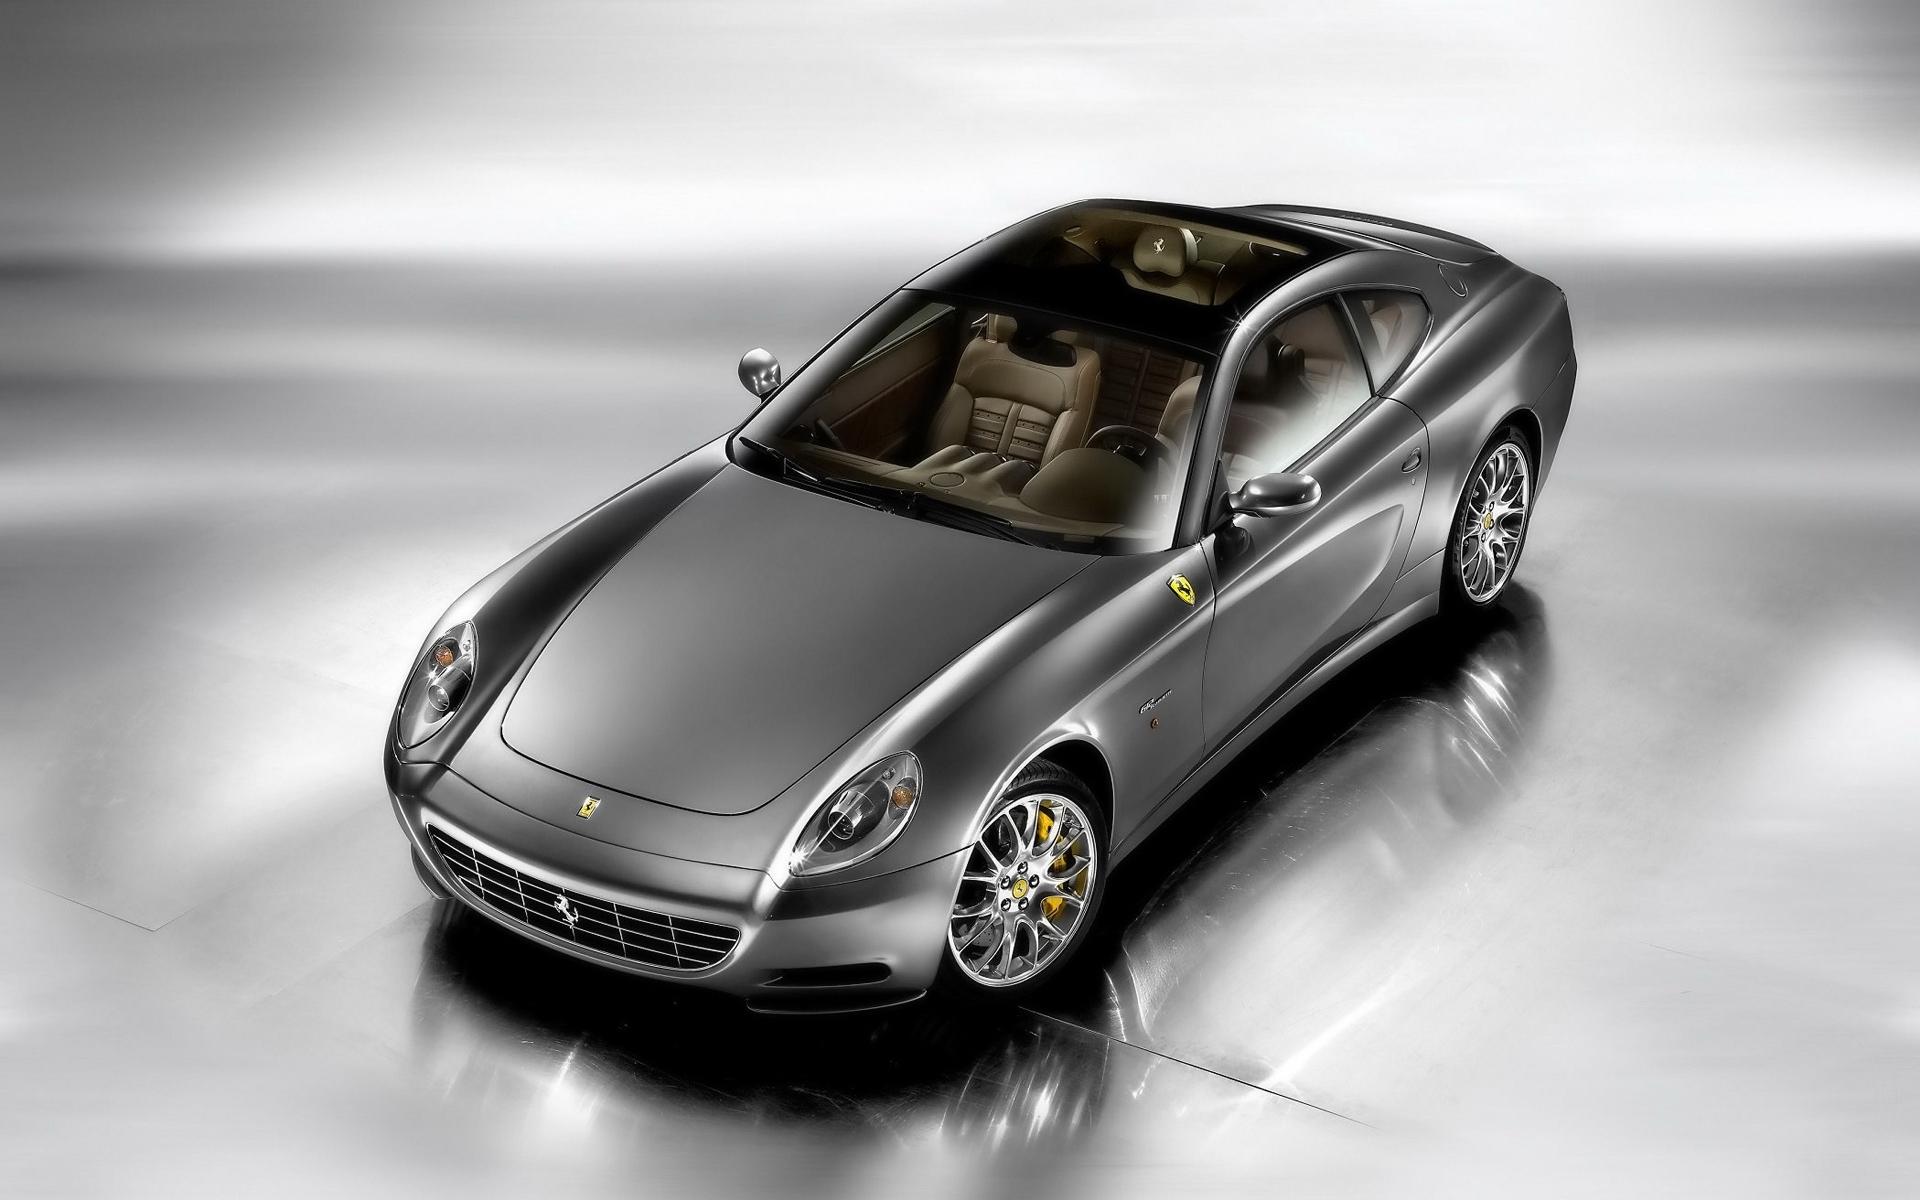 48481 скачать обои Транспорт, Машины, Порш (Porsche) - заставки и картинки бесплатно